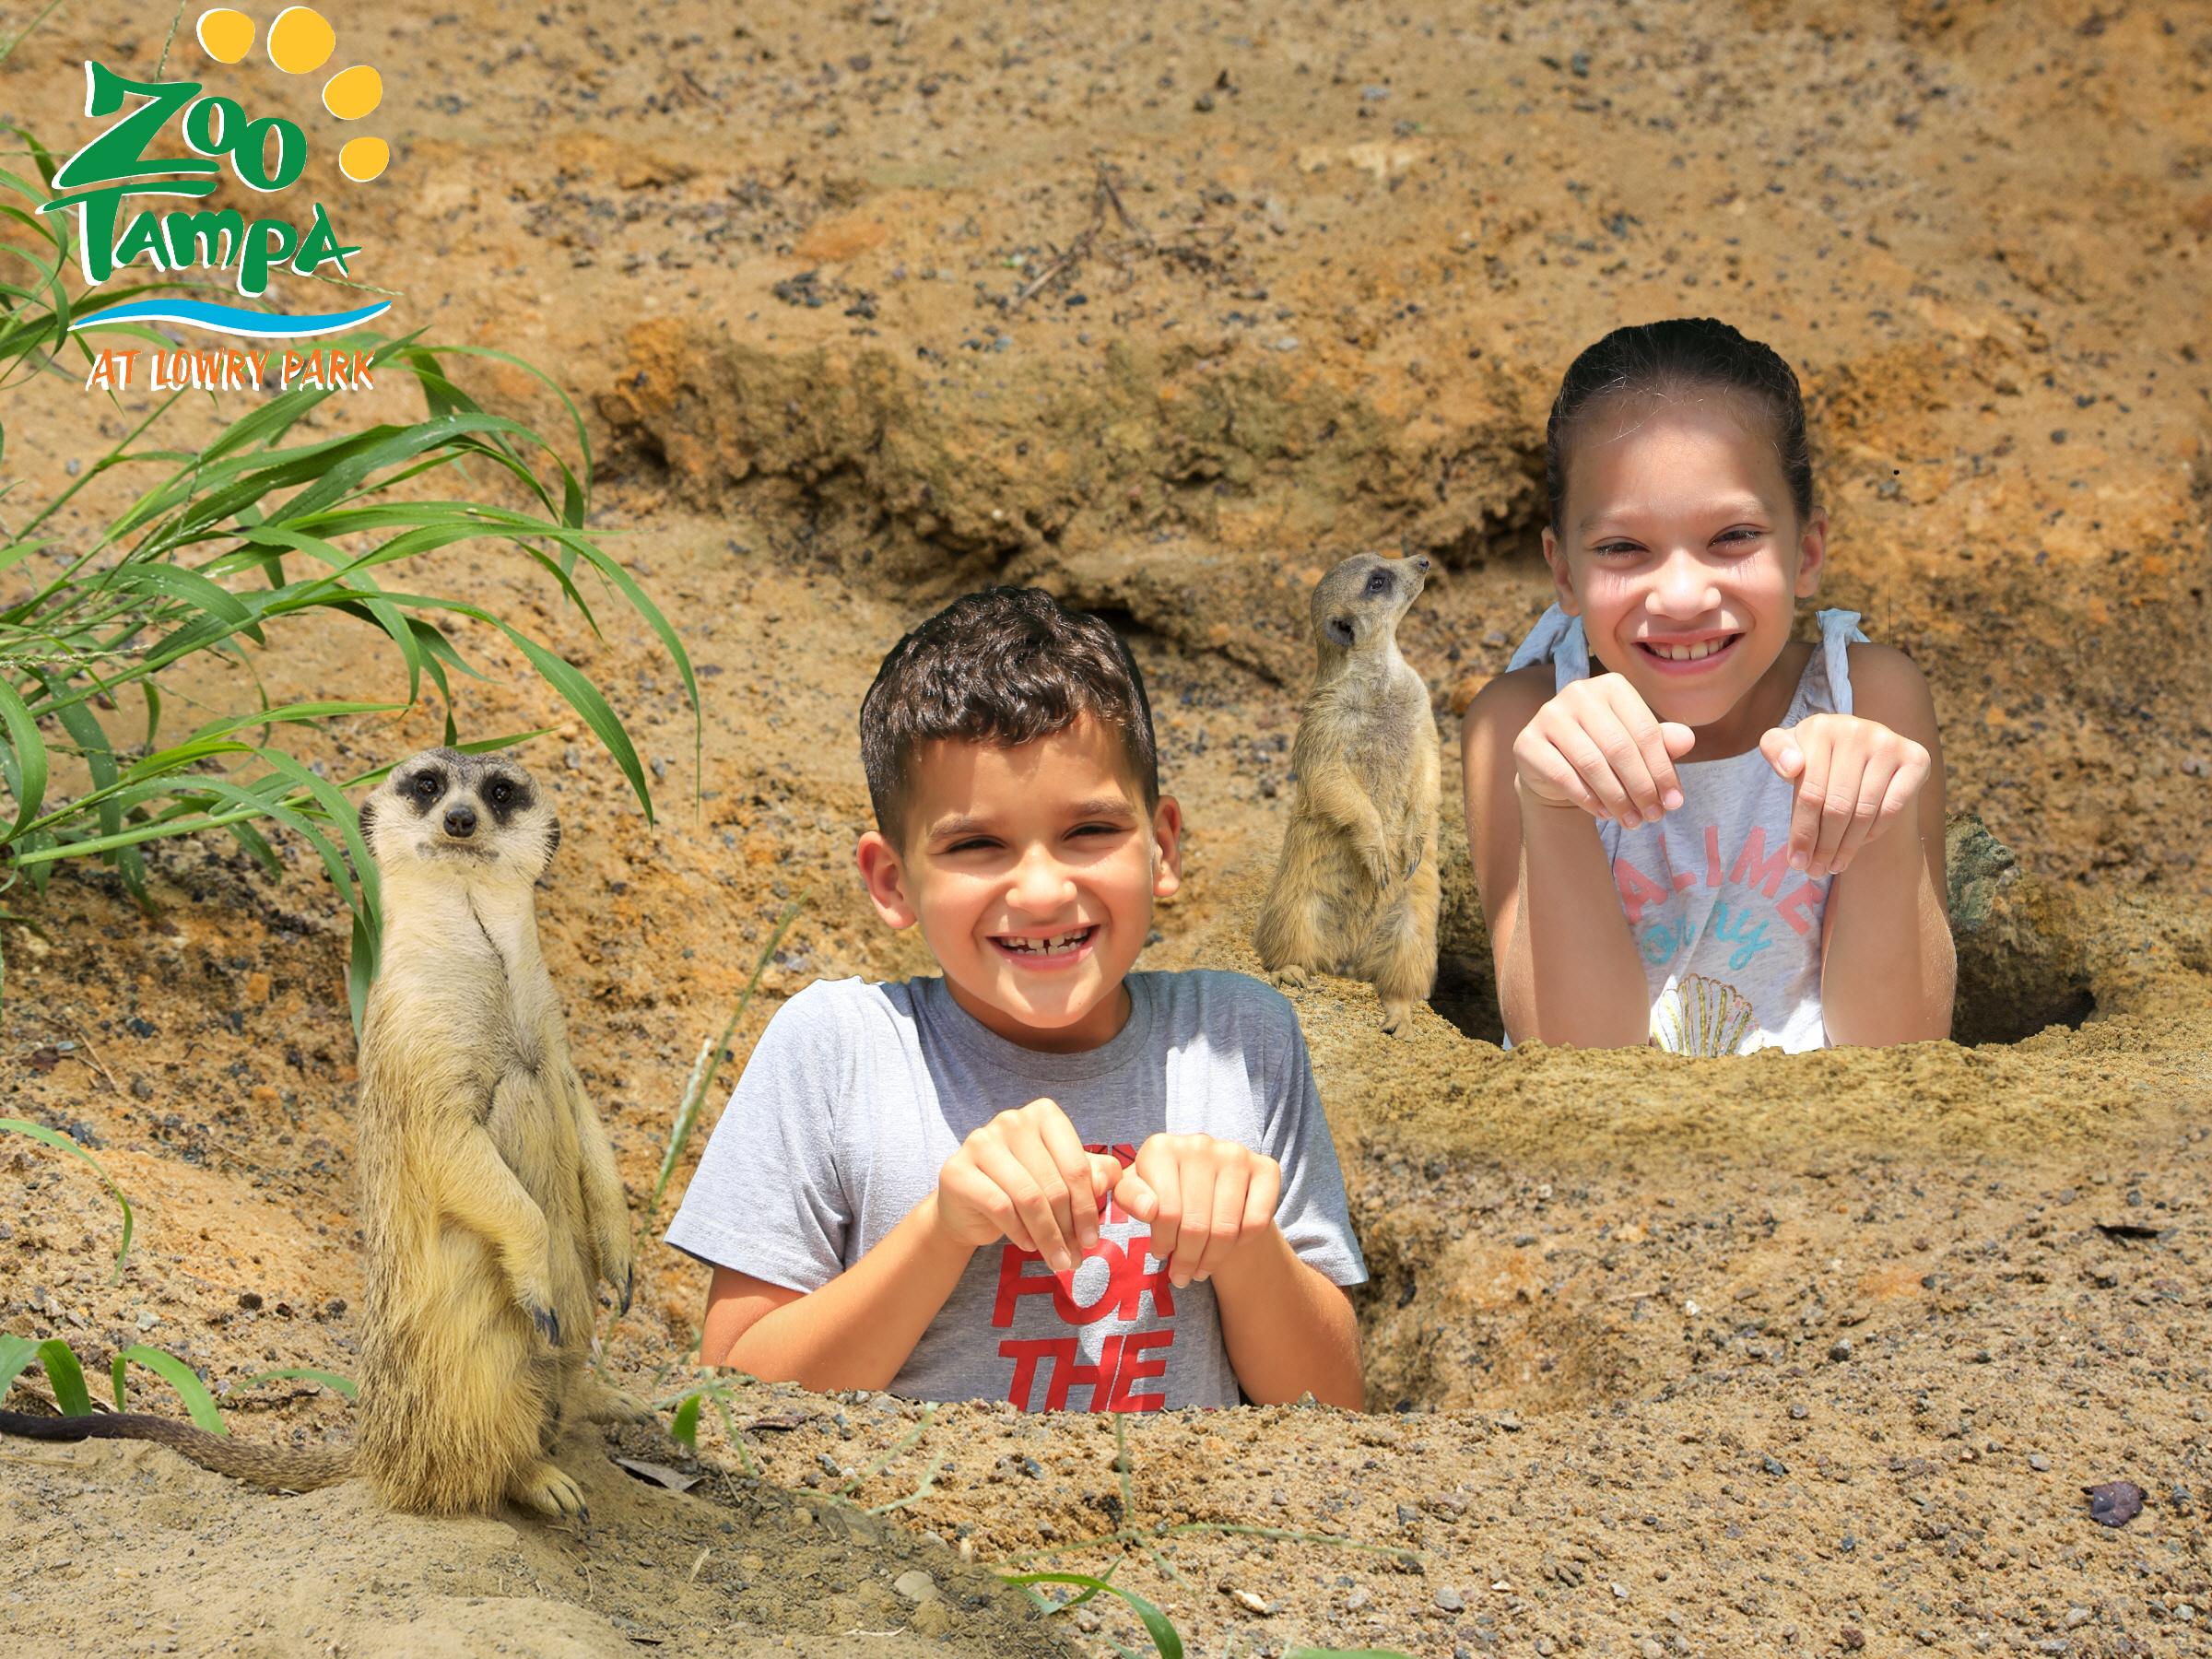 Zoo tampa Member